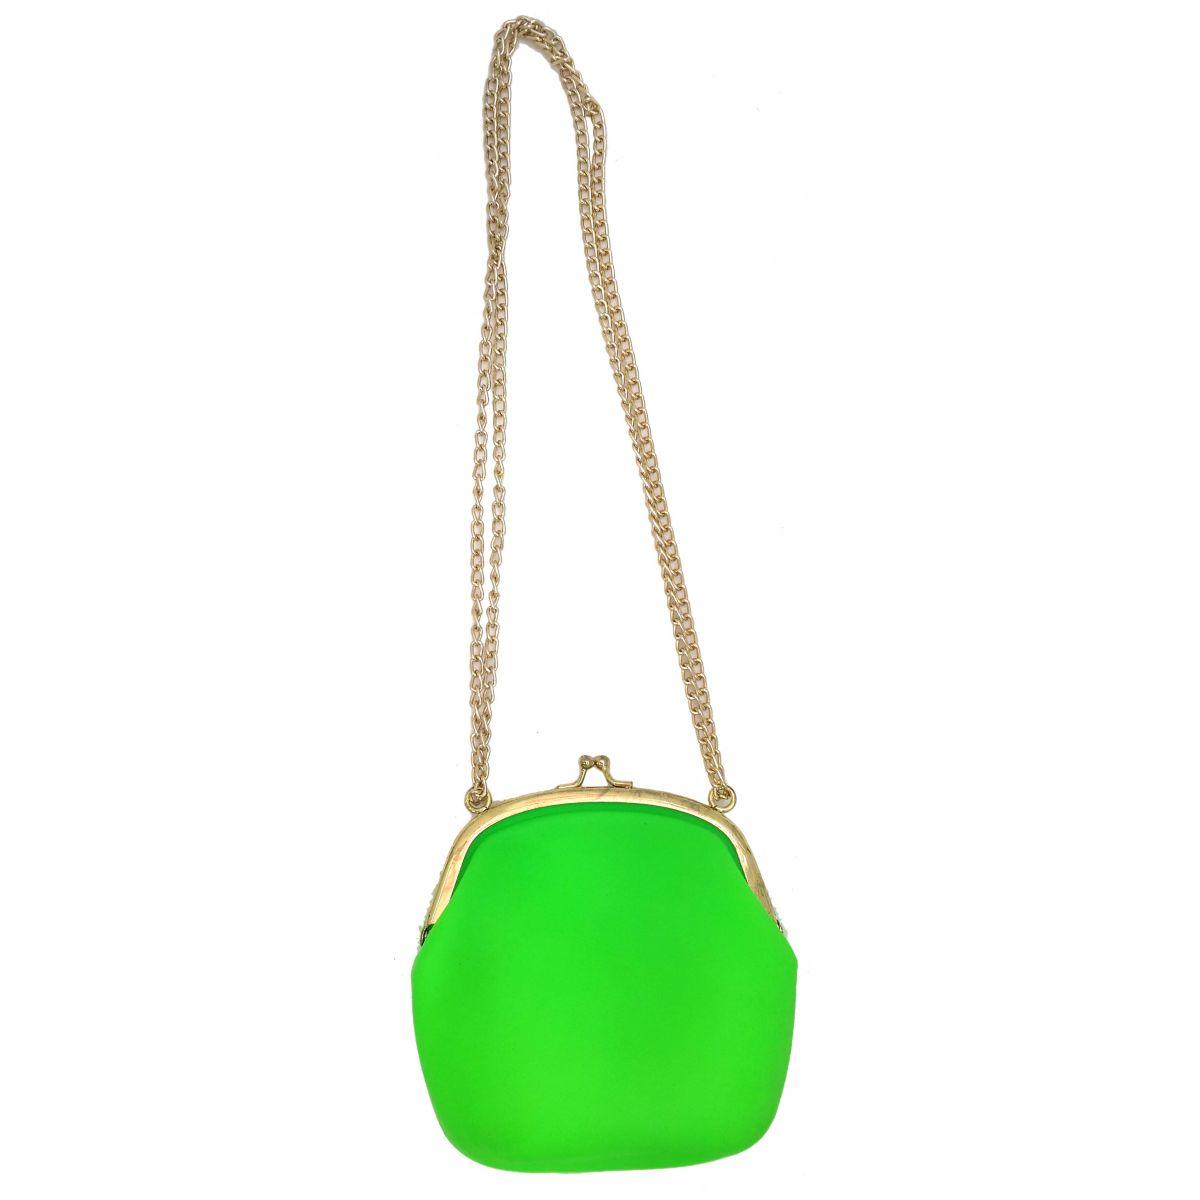 Bolsa De Silicone Tiracolo Retro Verde Com Corrente Dourada (BL-2662-6)